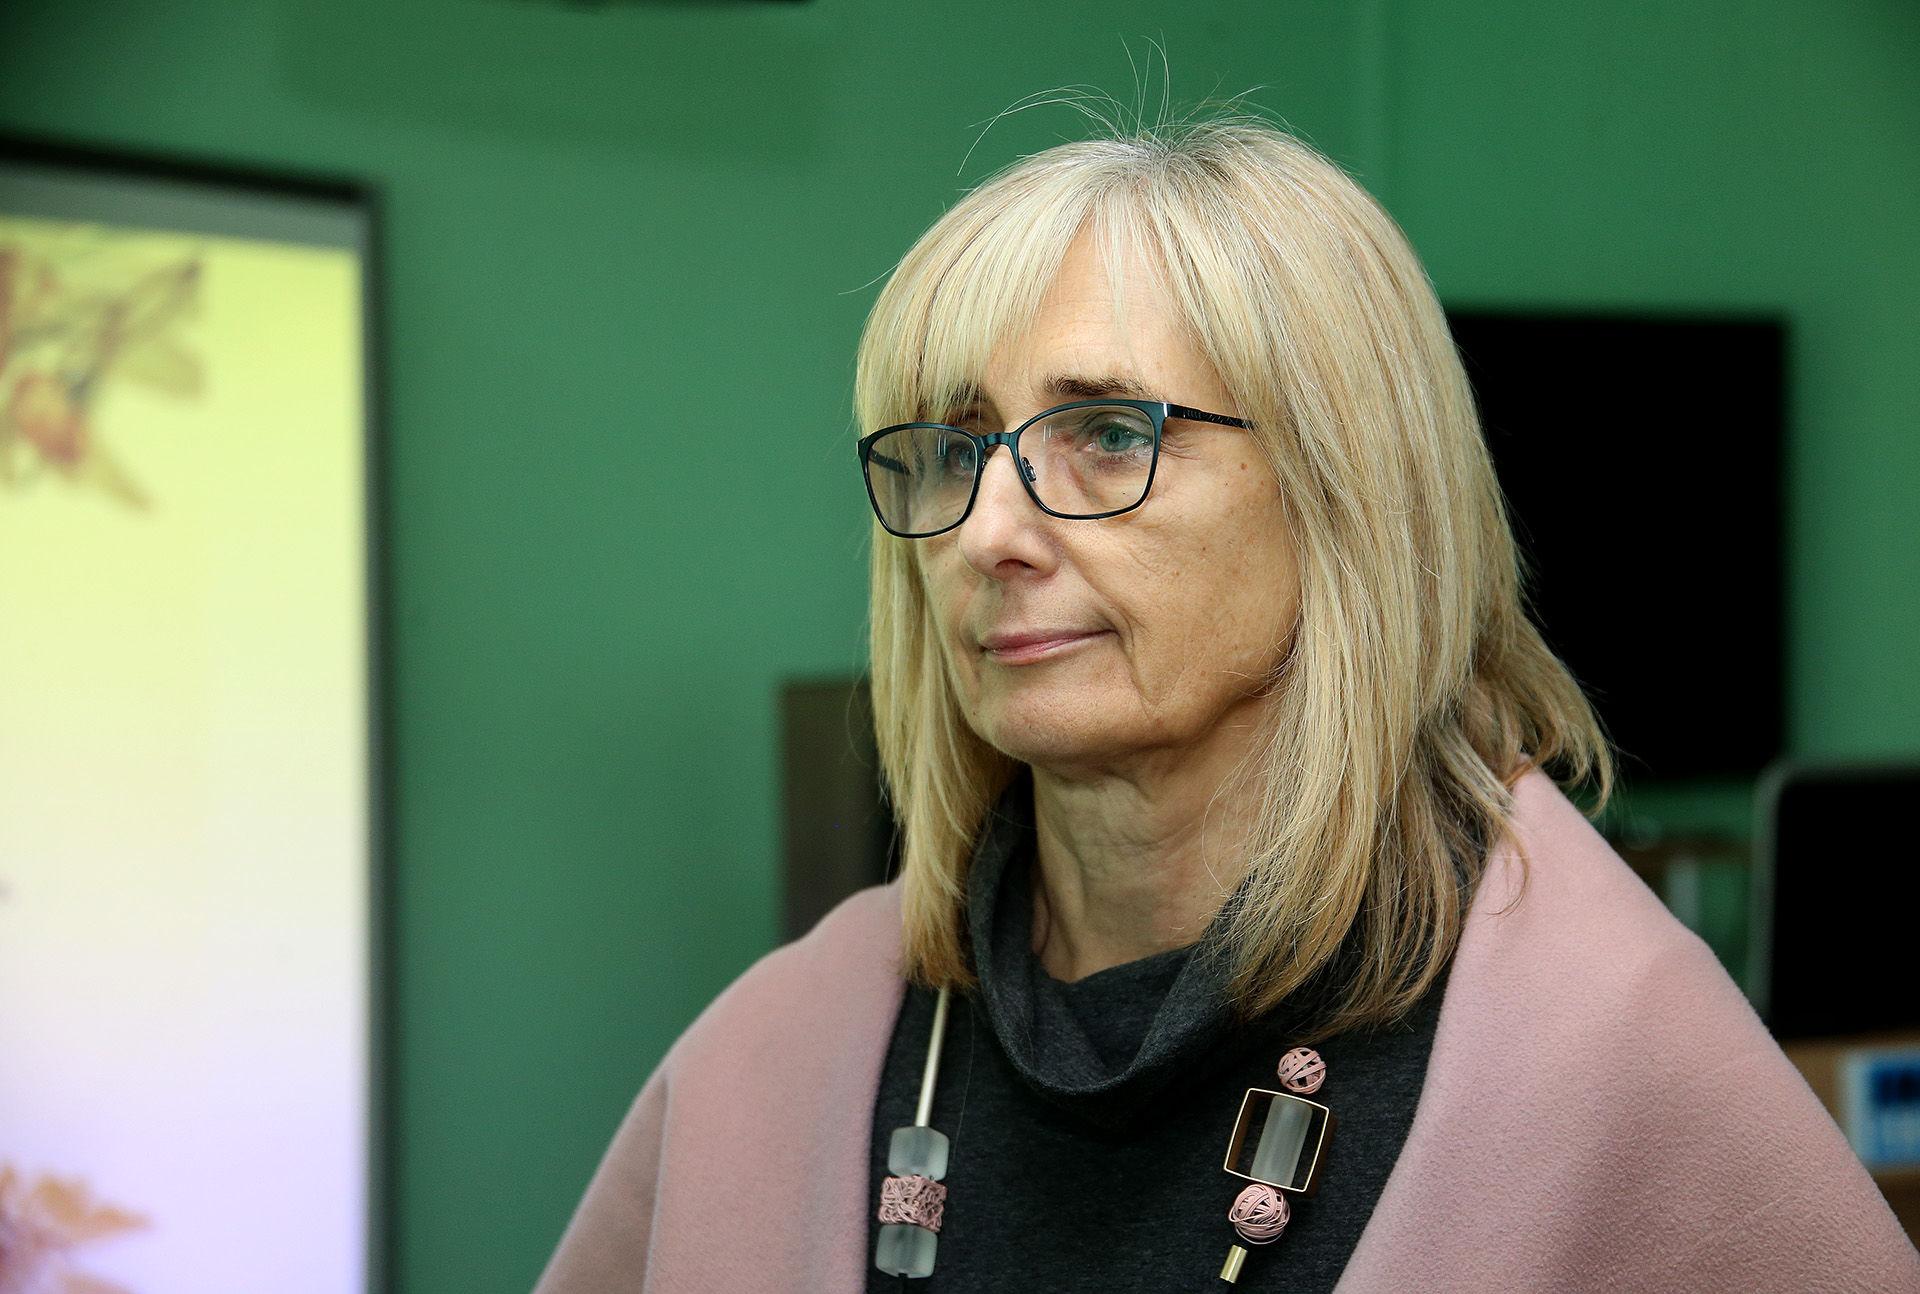 Pagrindiniai žodžiai, kuriais Kėdainių trečiojo amžiaus universiteto direktorė Jūratė Vaitonienė apibūdintų naujus Trečiojo amžiaus universiteto mokslo metus – bendravimas ir judėjimas. / A. Barzdžiaus nuotr.